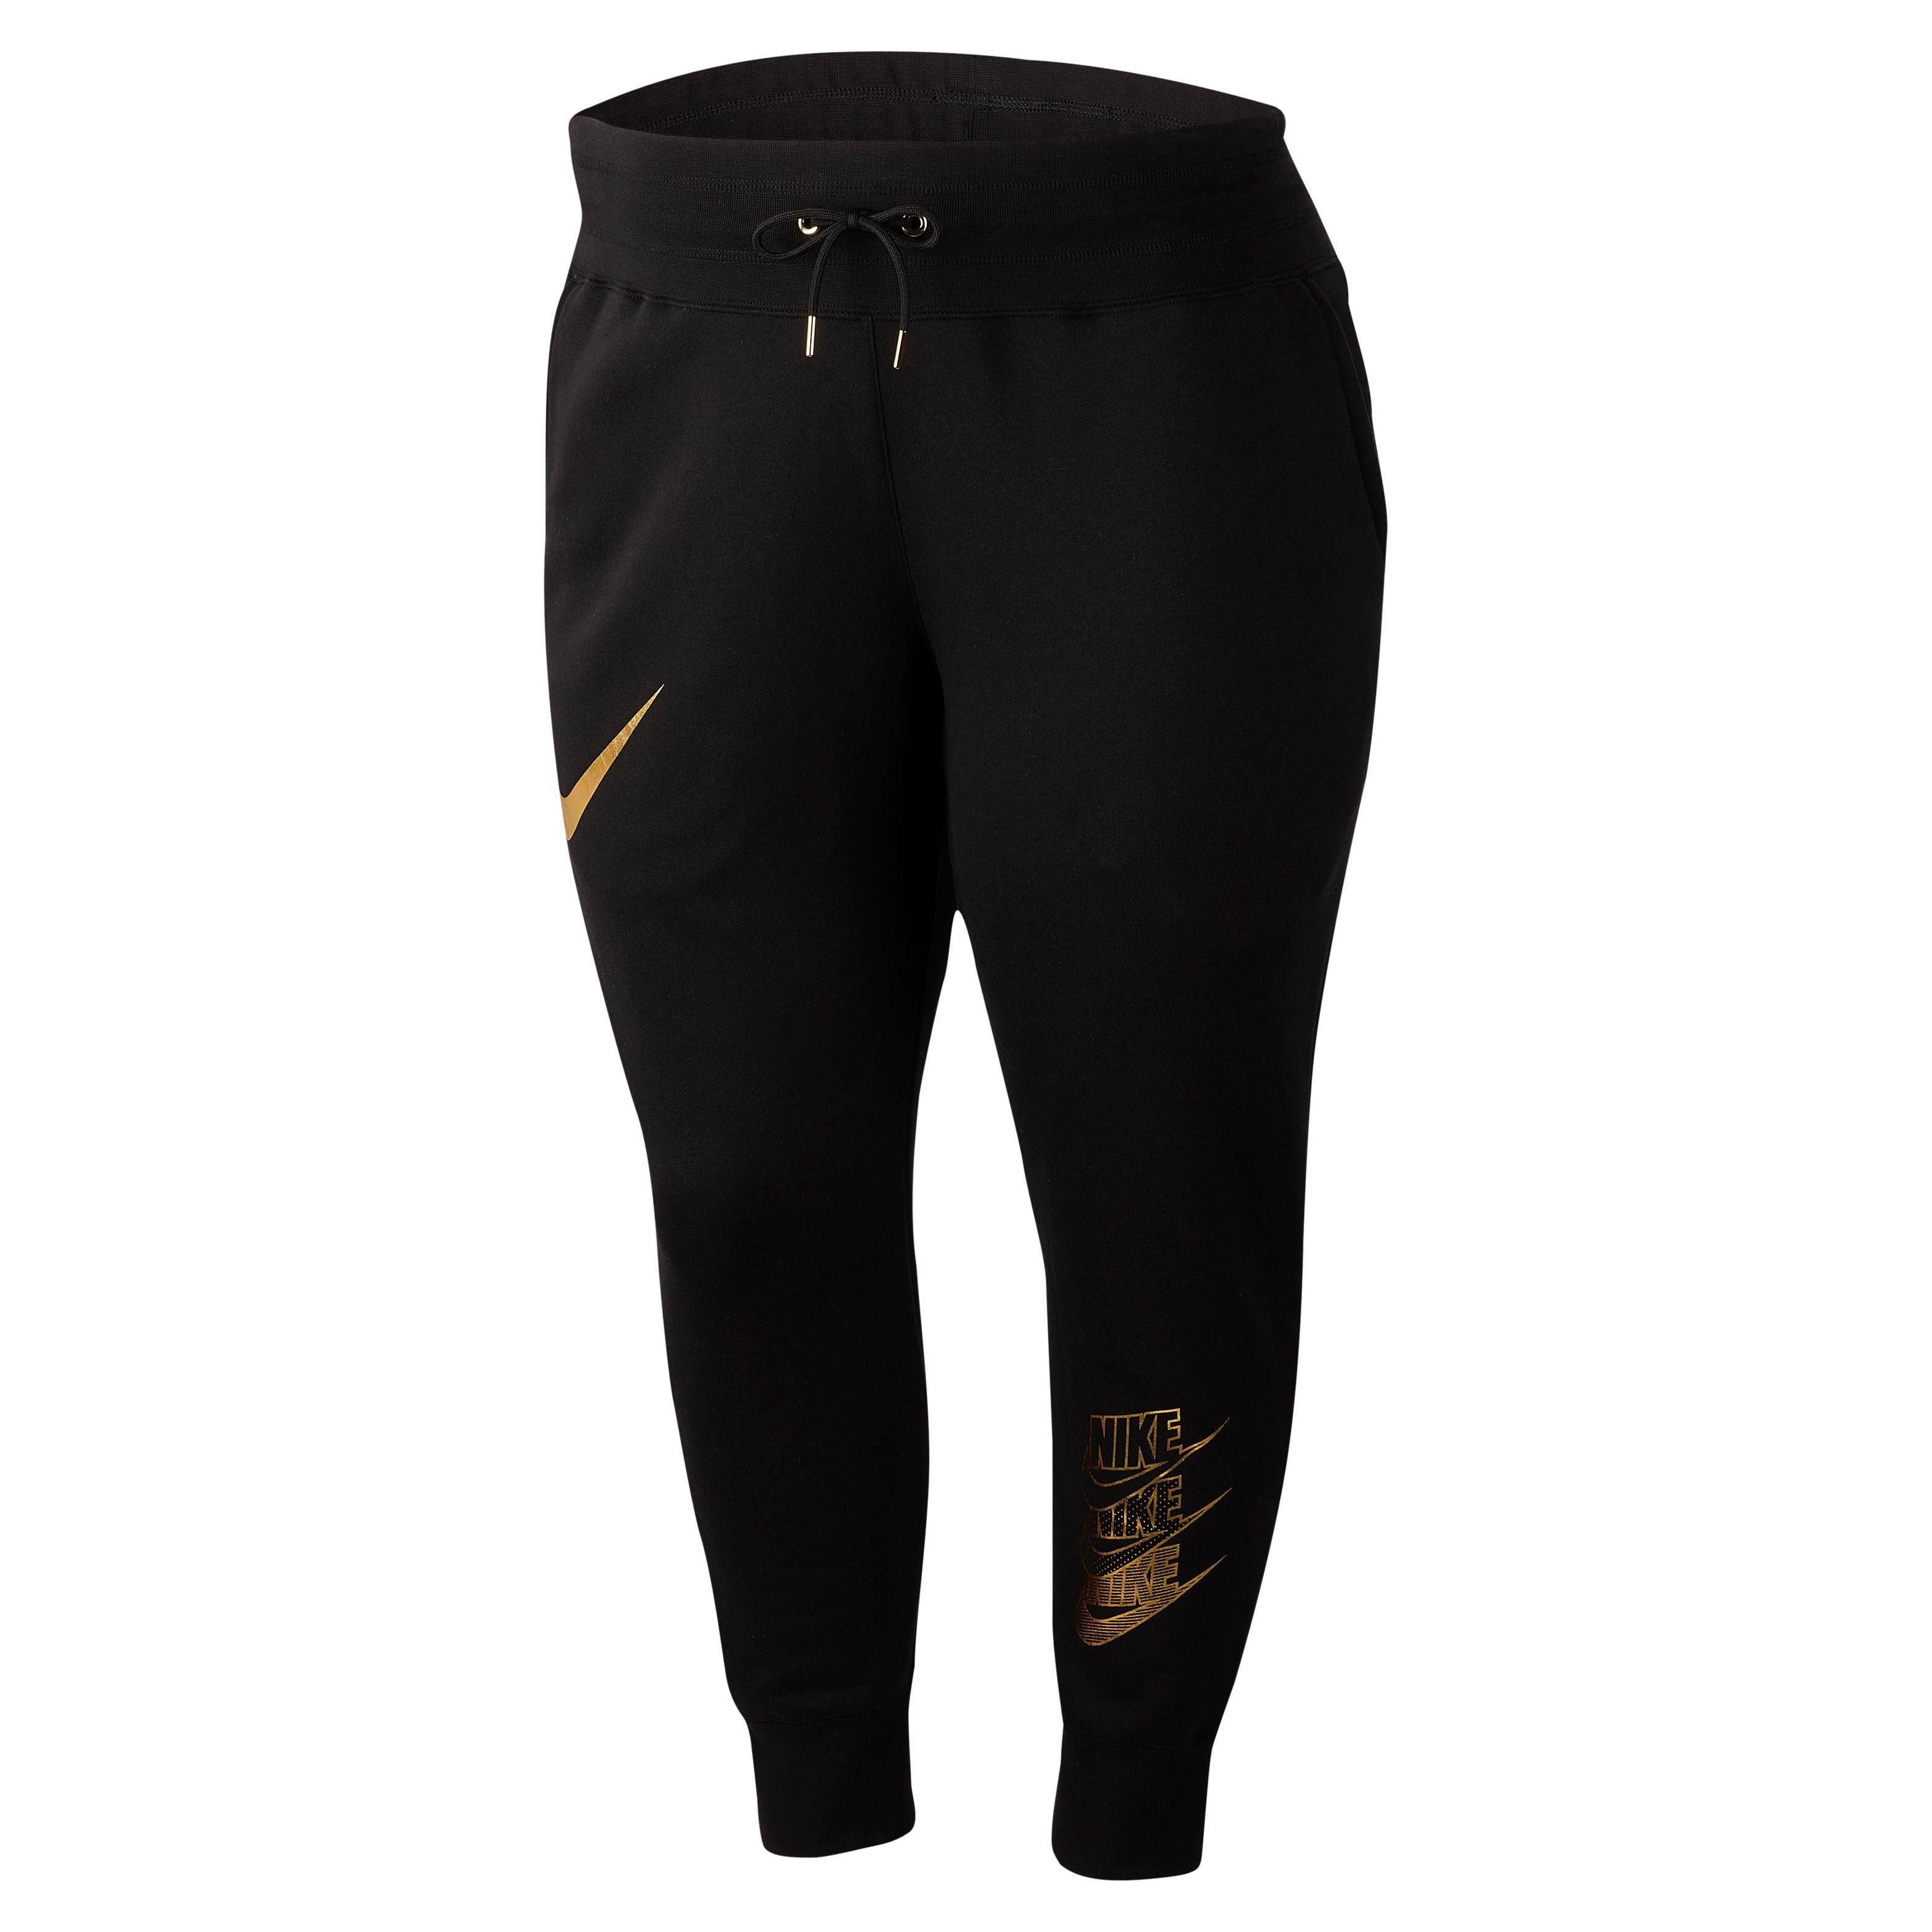 Nike Sportswear Jogginghose »WOMEN NIKE SPORTSWEAR PANT SHINE PLUS SIZE« In großen Größen  | 00193152110083